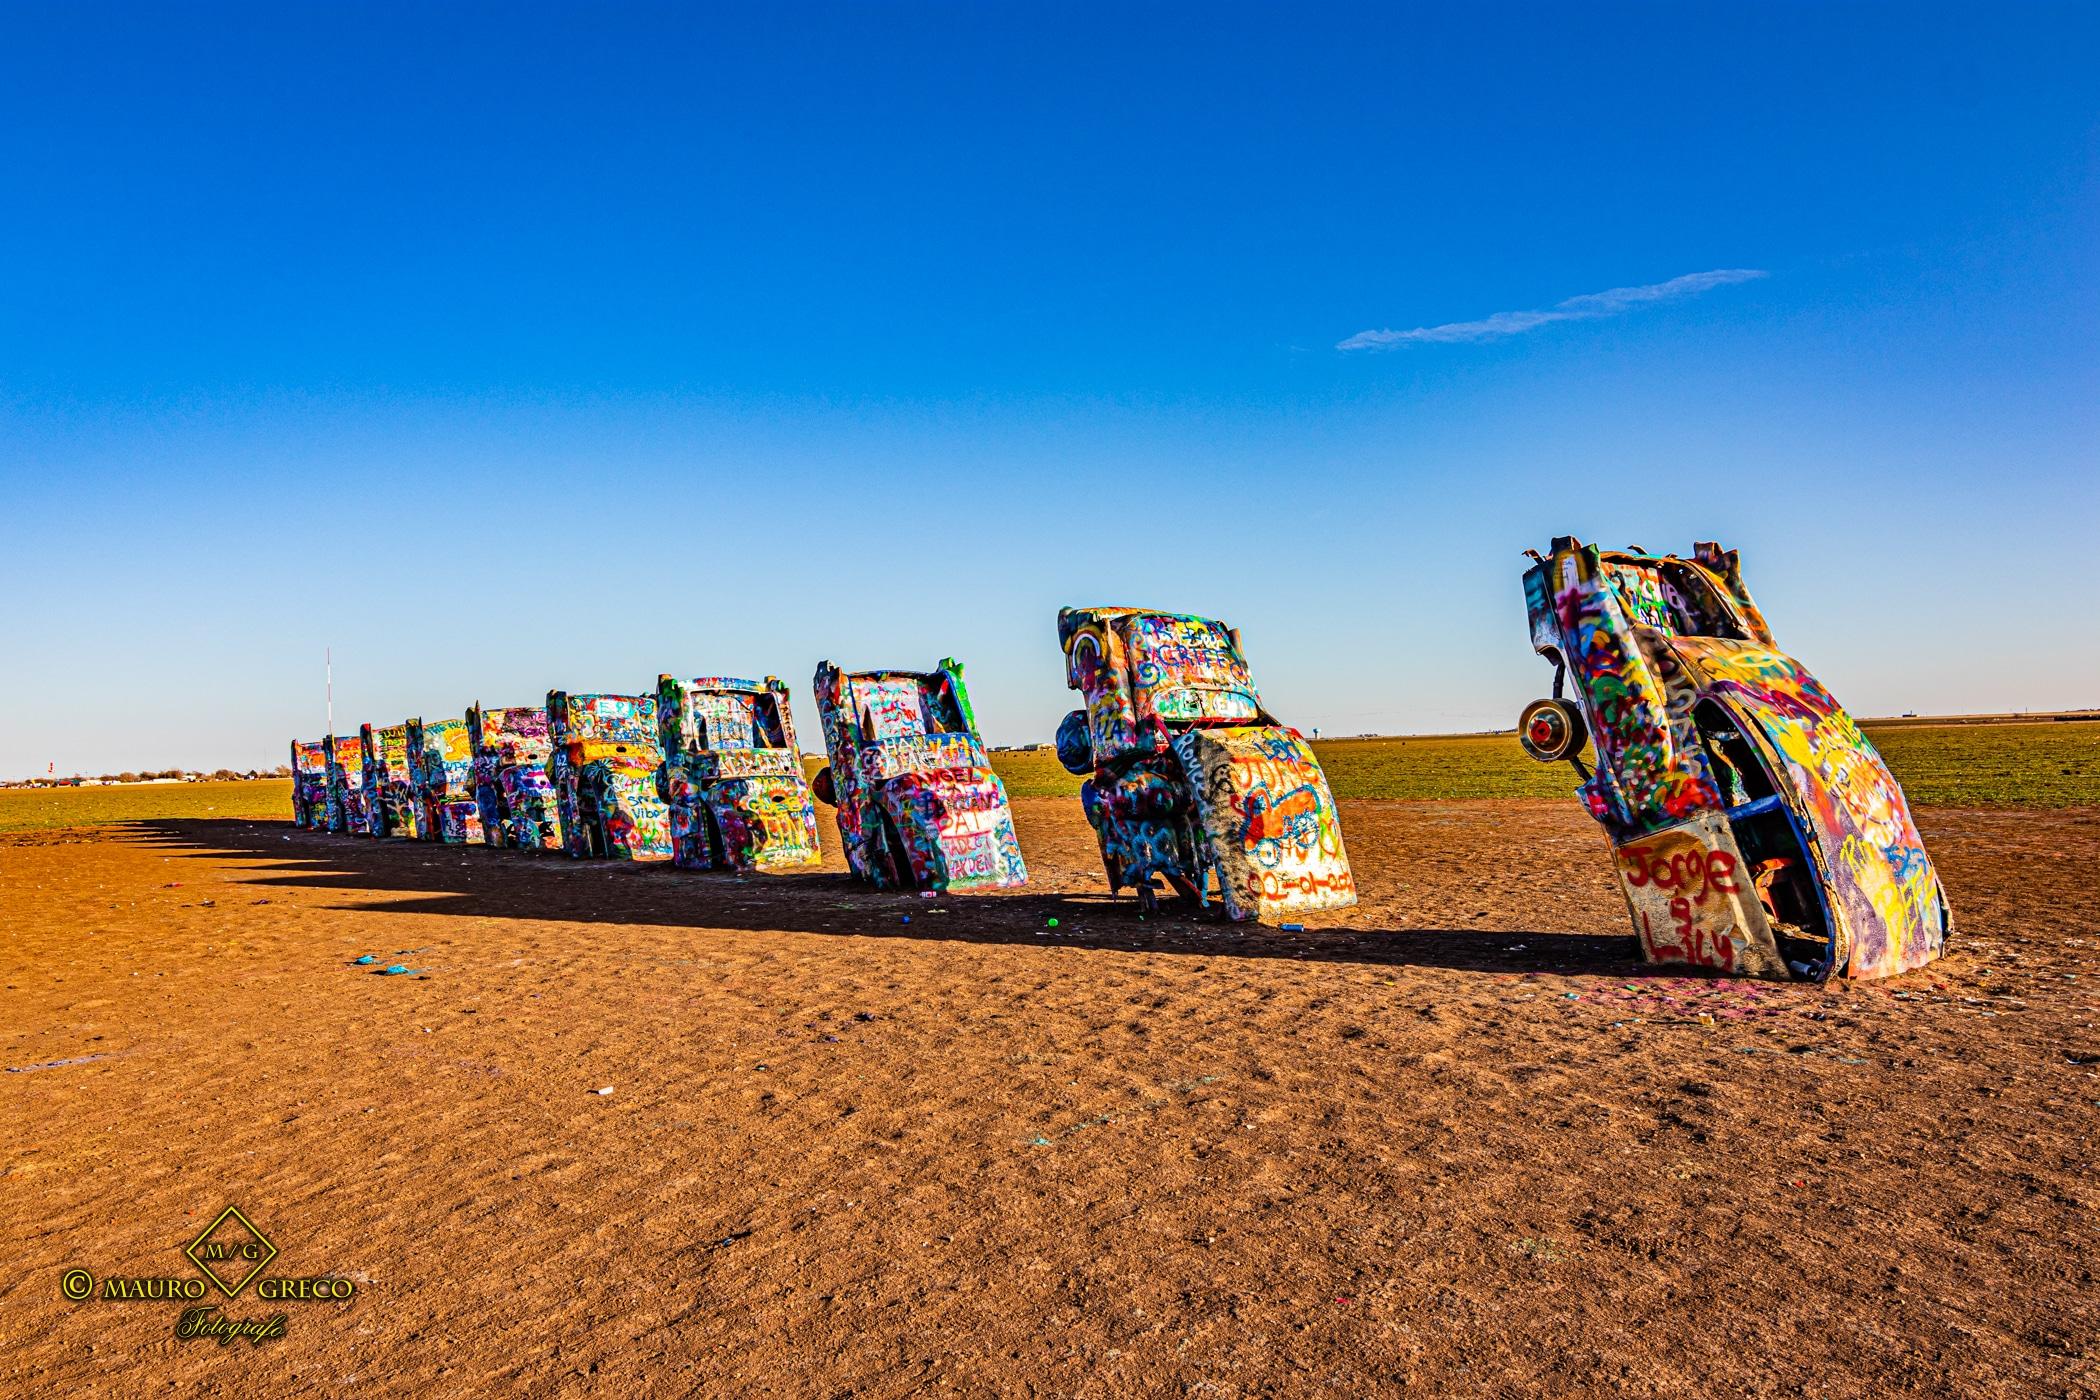 Cadillac Ranch Texas 2020 Tornado Moto Tour Viaggi organizzati in moto negli USA Monument Valley